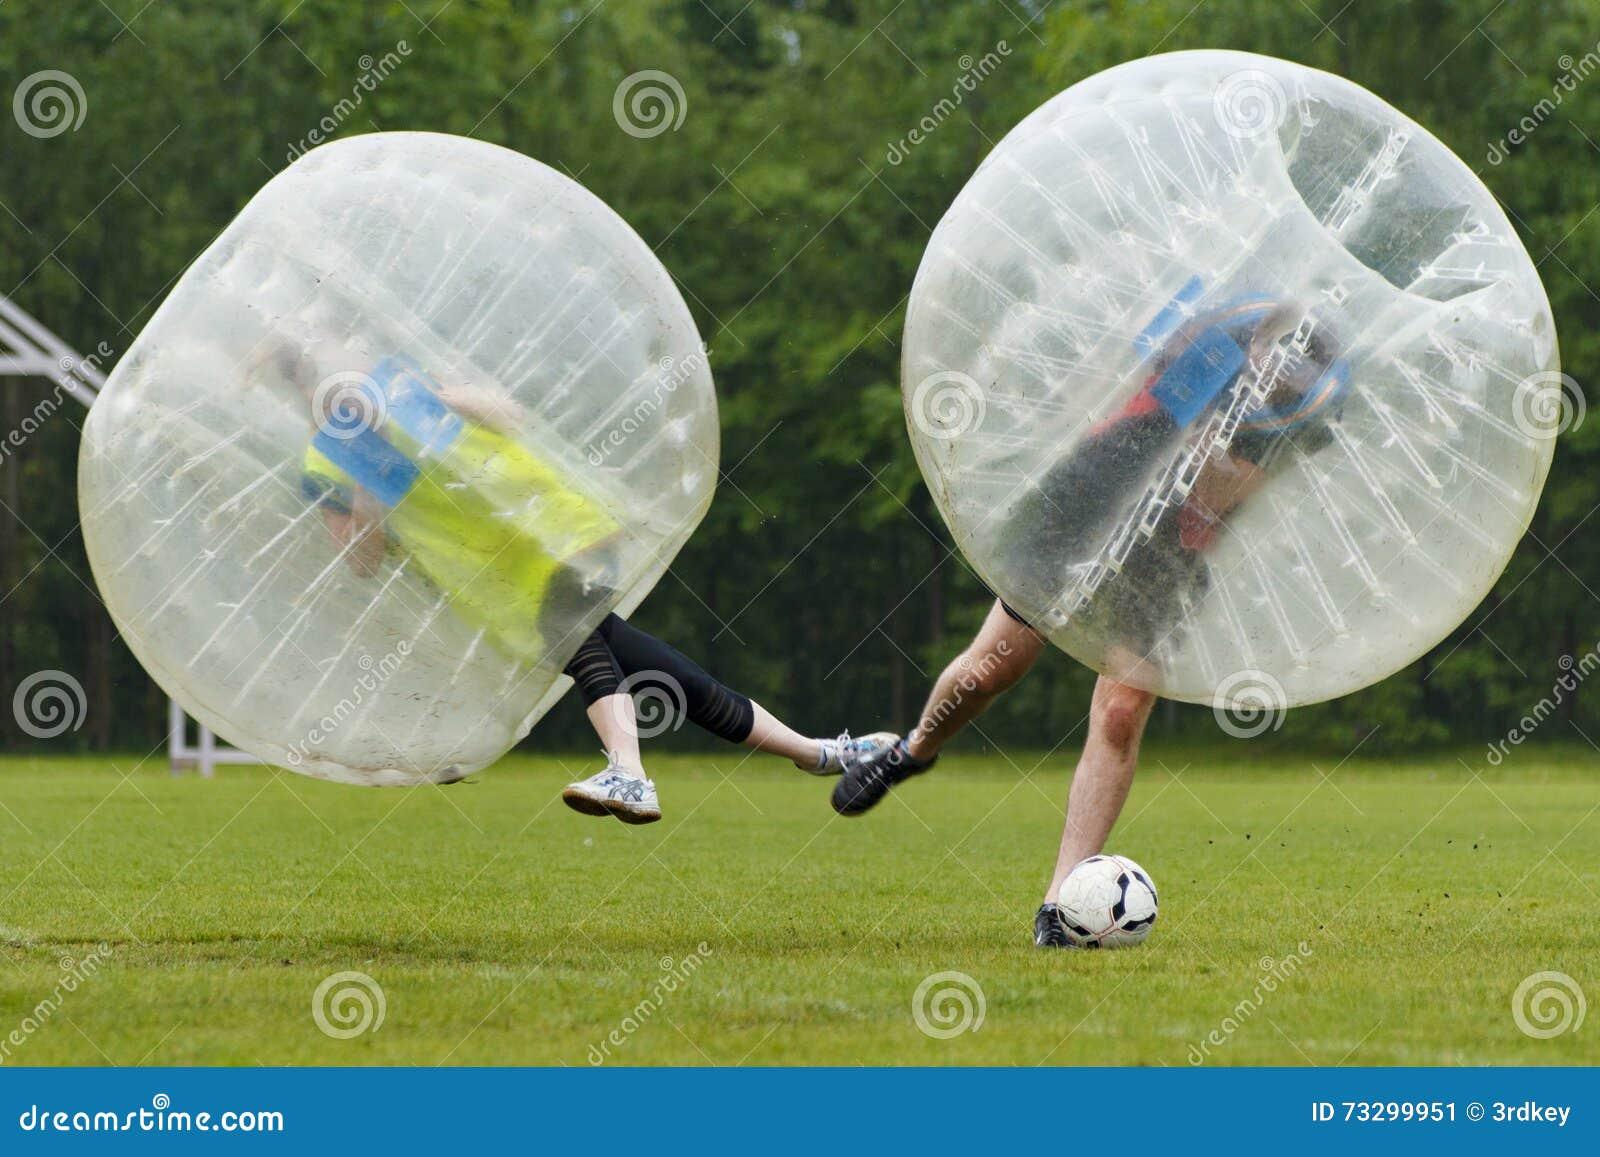 Αστεία στιγμή ποδοσφαίρου φυσαλίδων Έννοια: Διασκέδαση, αθλητισμός, πέταγμα